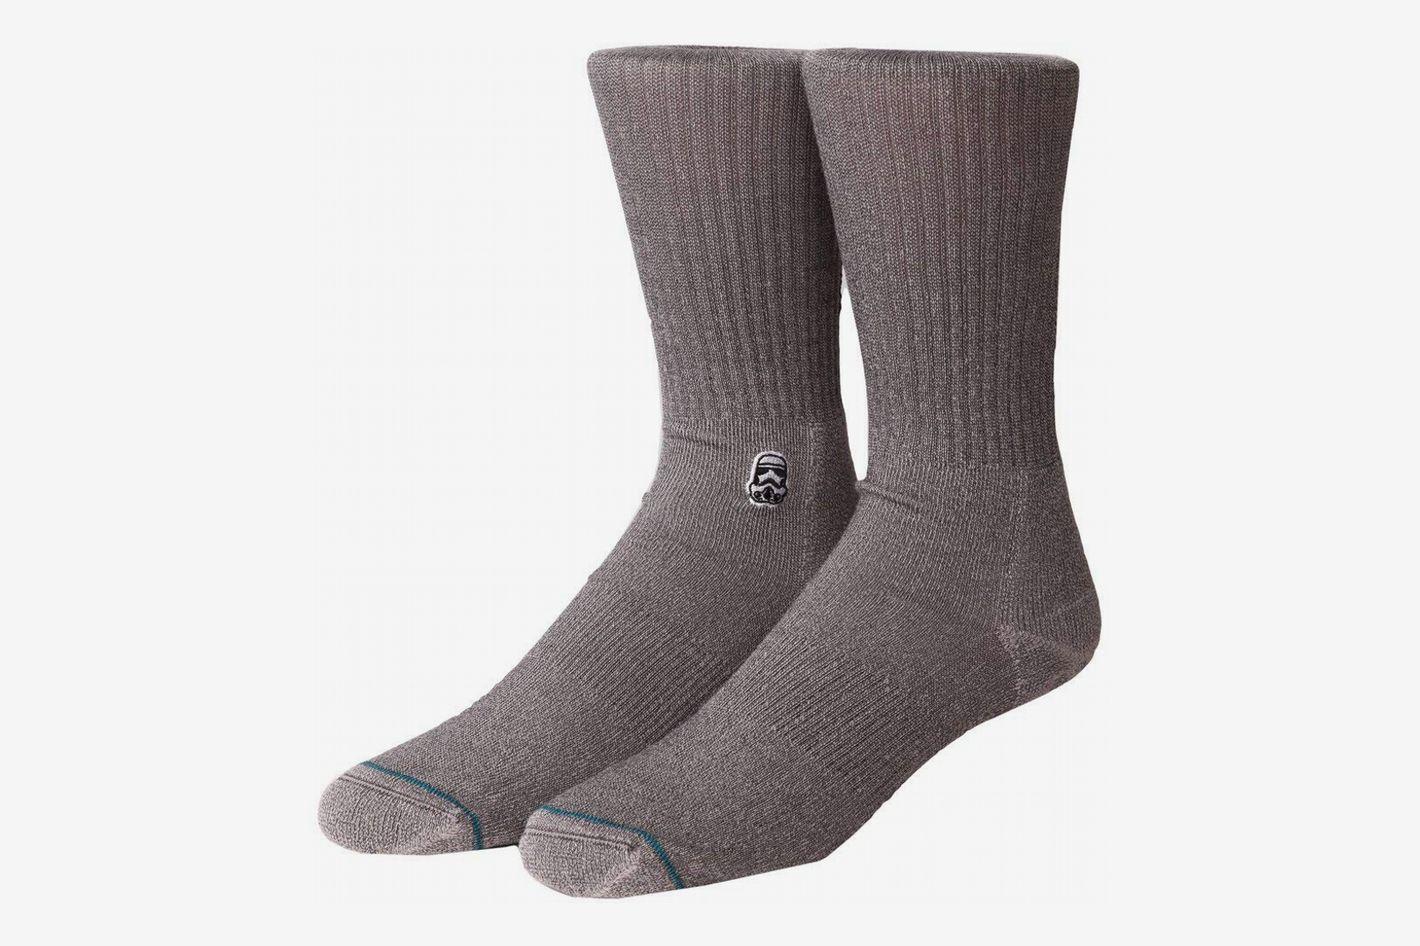 Stance Men's Solid Trooper Socks